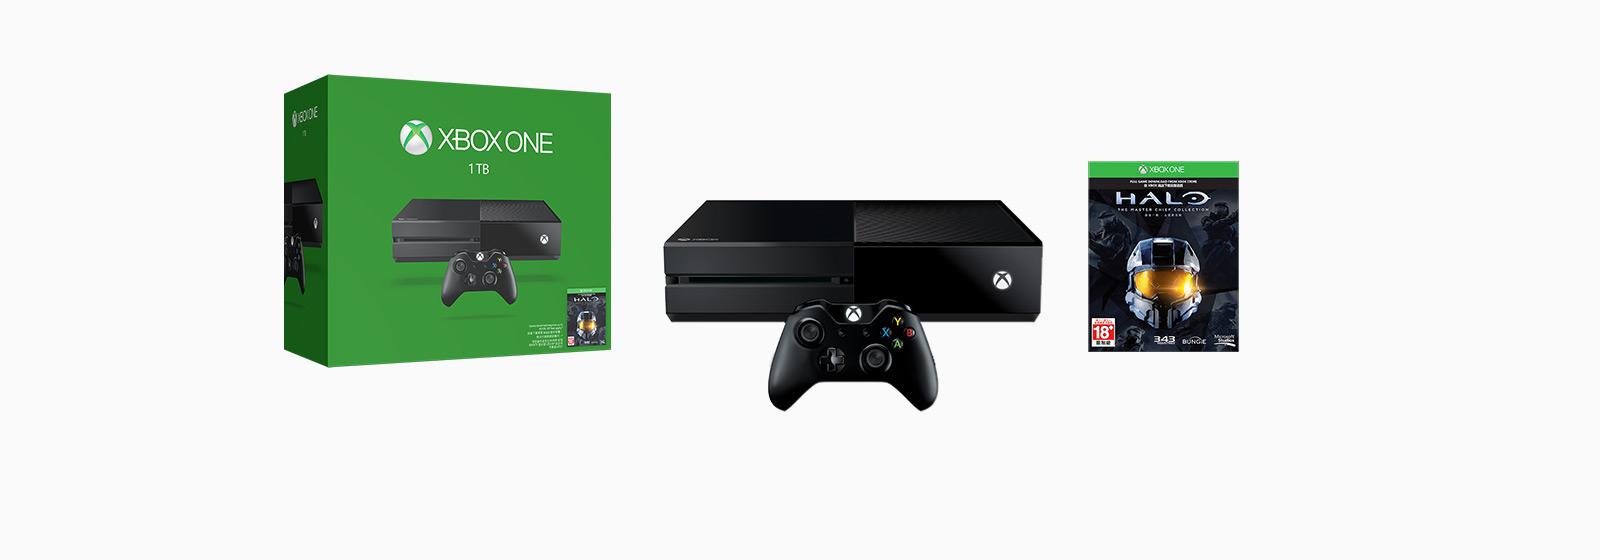 瞭解更多全新 1 TB Xbox One 主機。